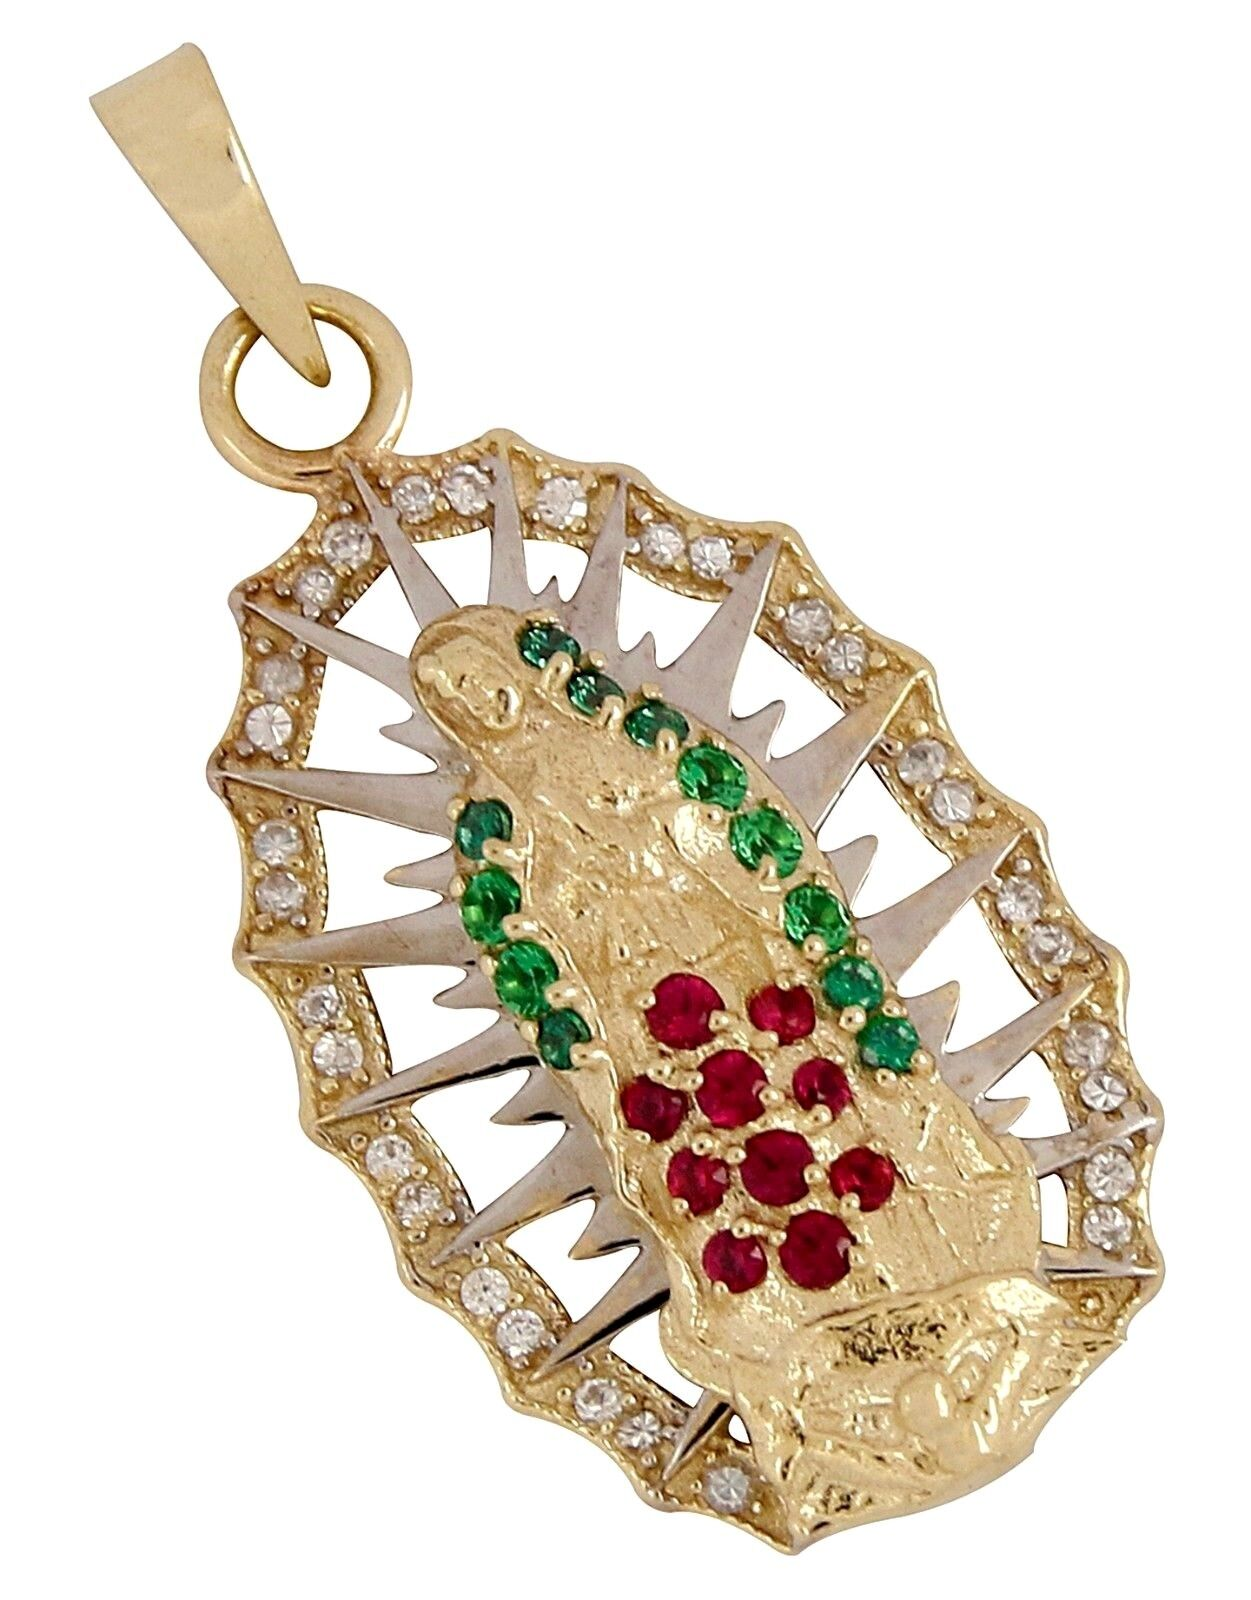 Medalla de La Virgen de Guadalupe con Piedras de colors Mexicanos en gold de 10k